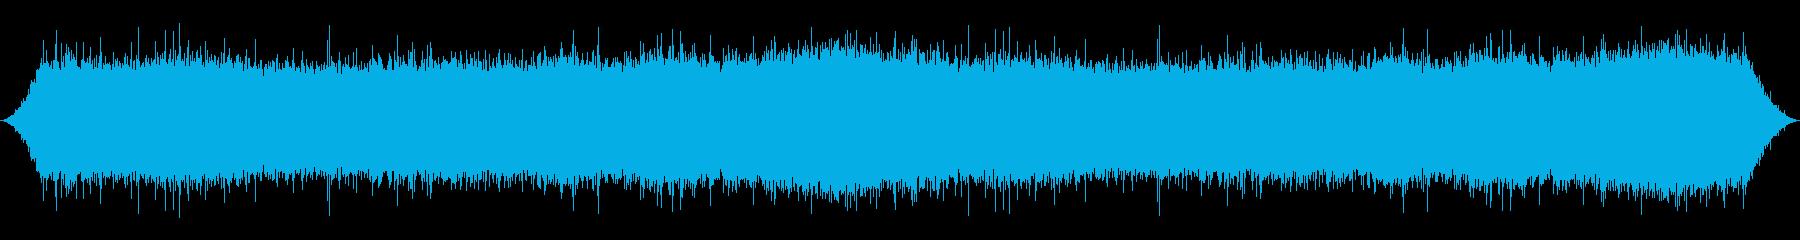 コンクリートの豪雨の再生済みの波形